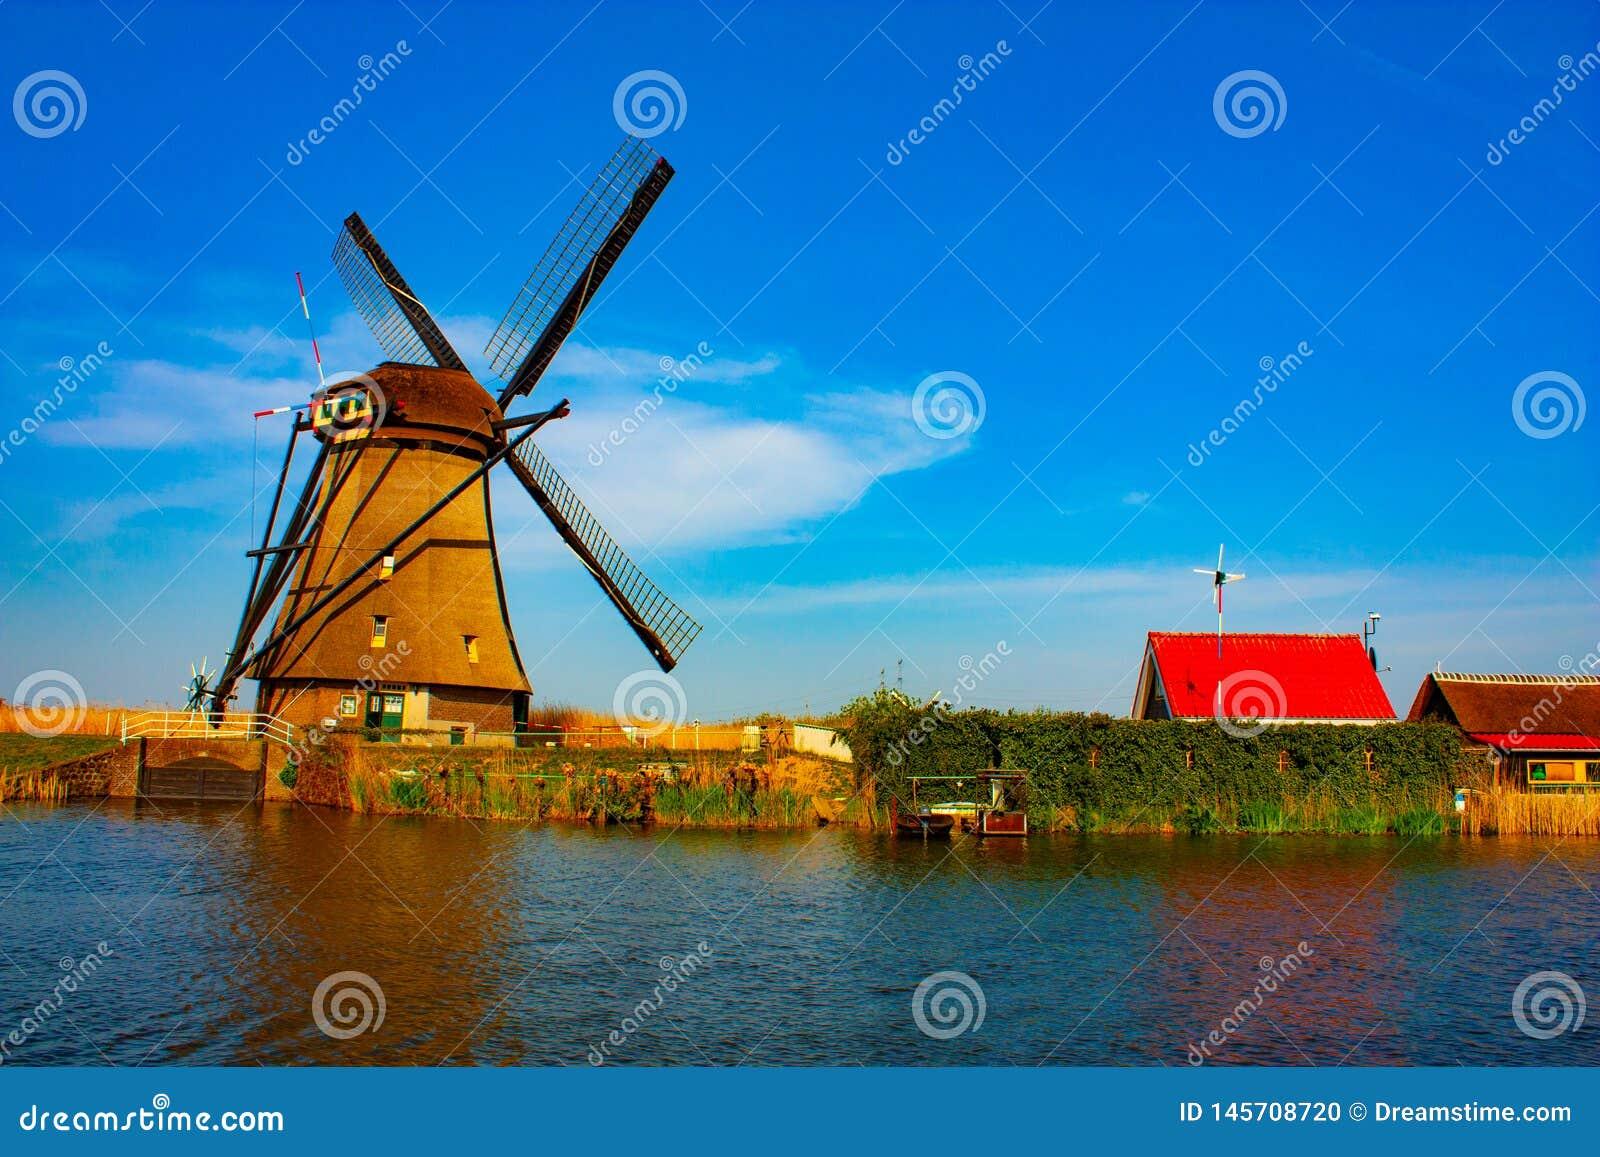 Windmill at Kinderdijk - beautiful sunny day